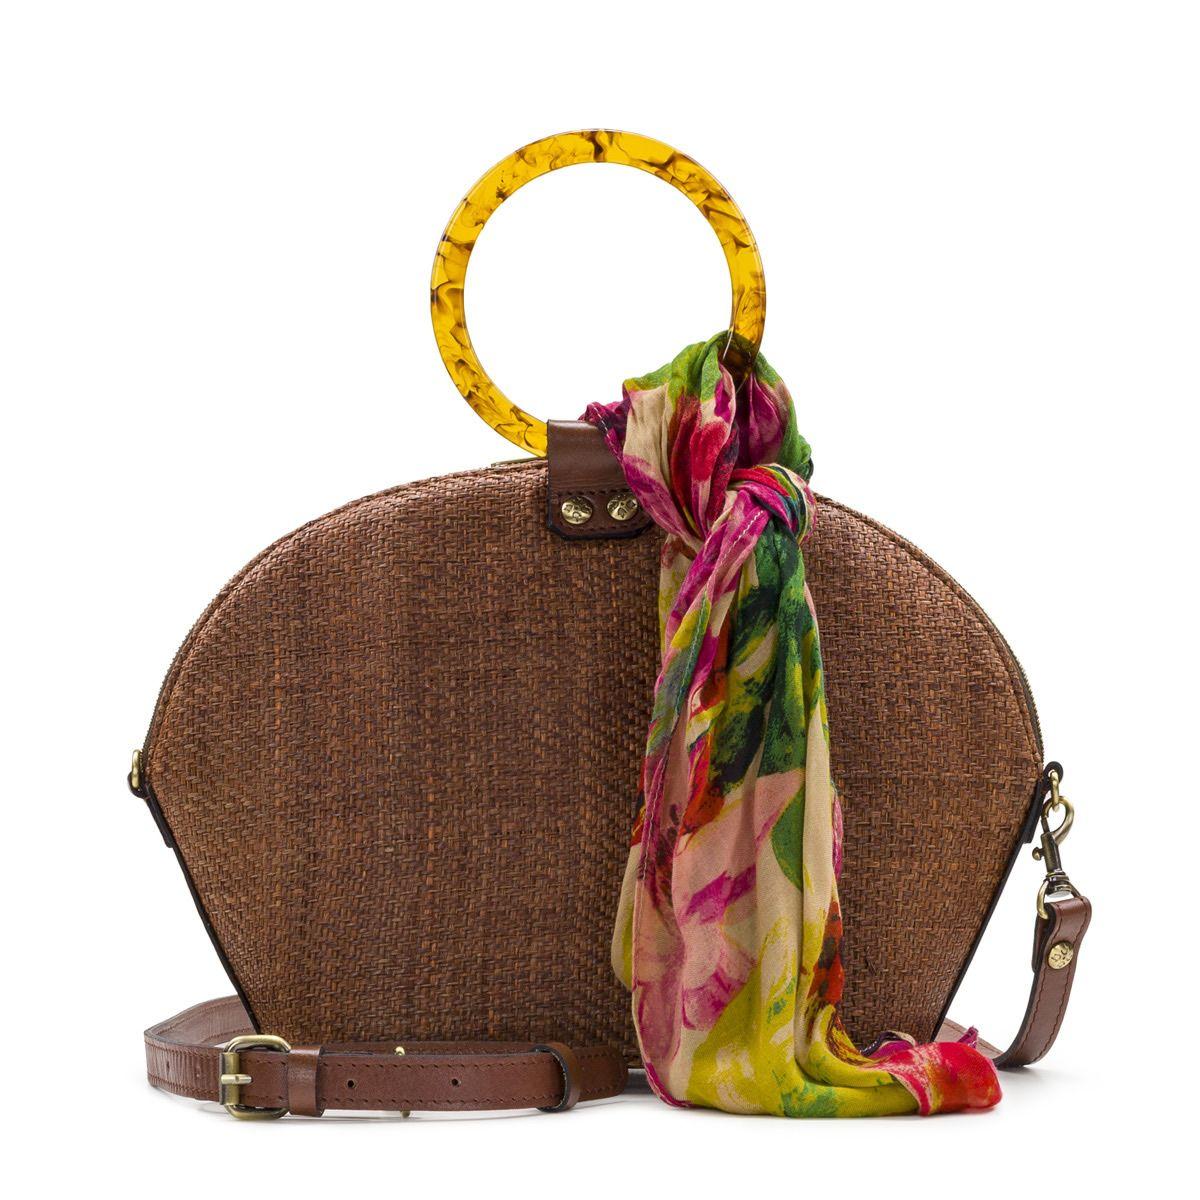 62f3bec1ed27 Patricia Nash Handbags - Macy s